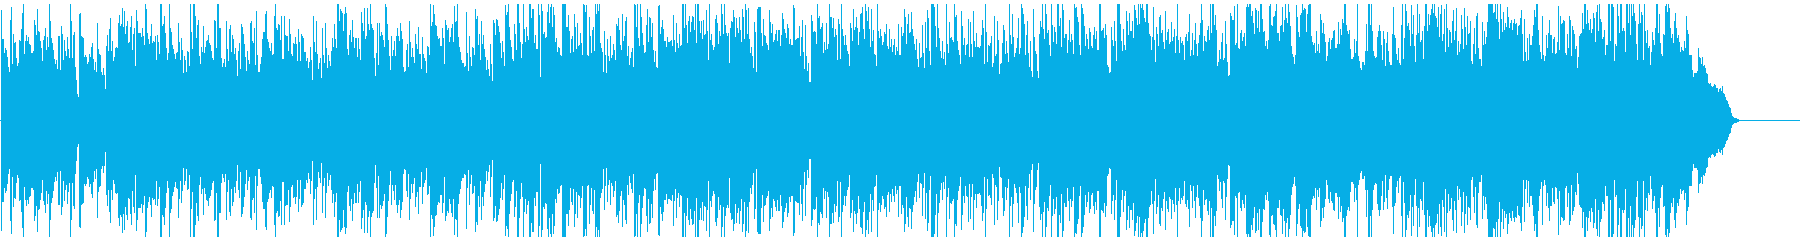 フルート生演奏 暖かく未来感あるボサノバの再生済みの波形